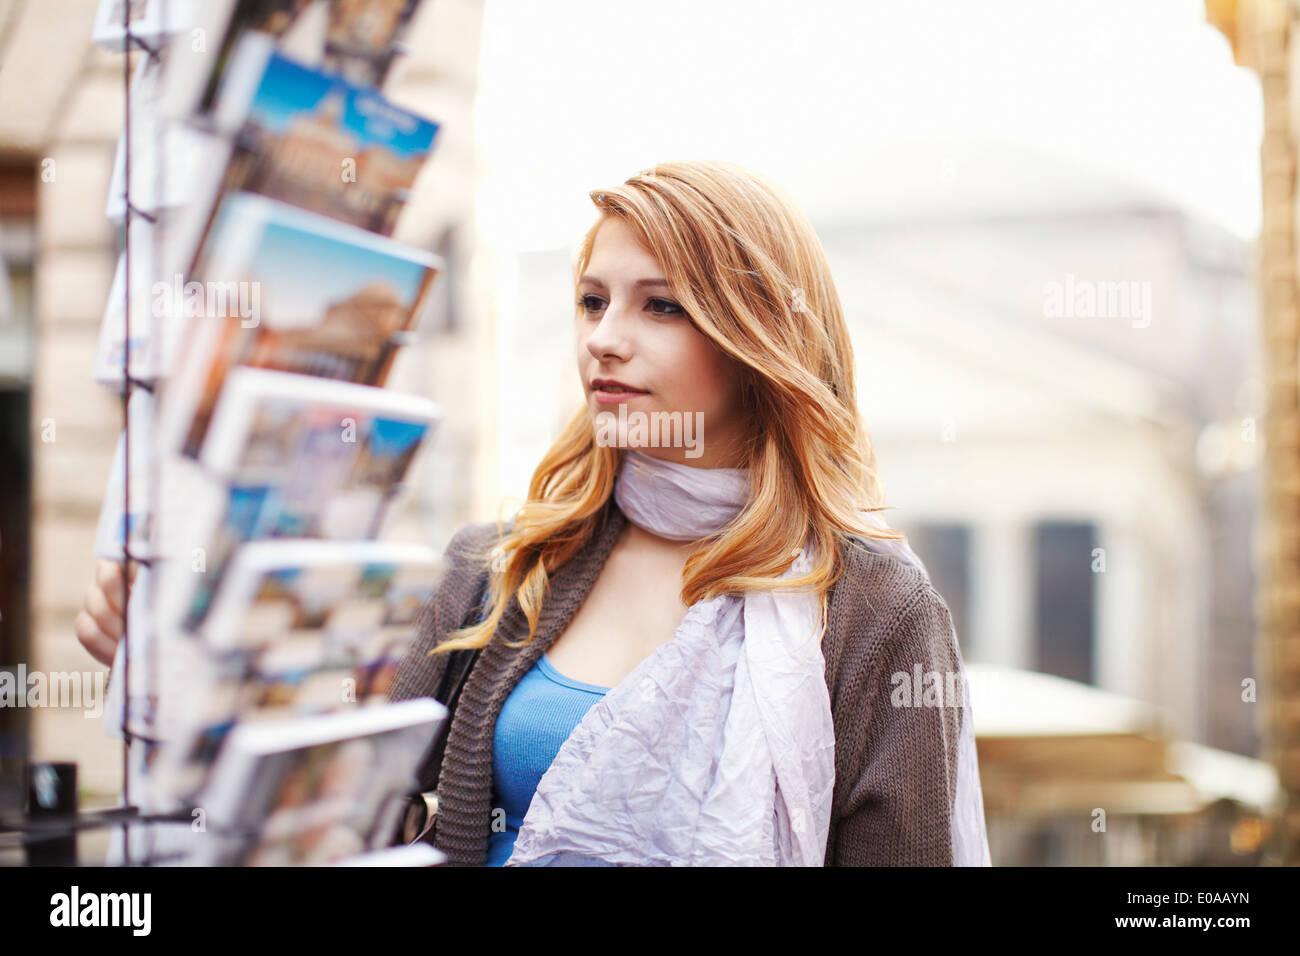 Junge Frau Blick auf Postkarten, Rom, Italien Stockbild